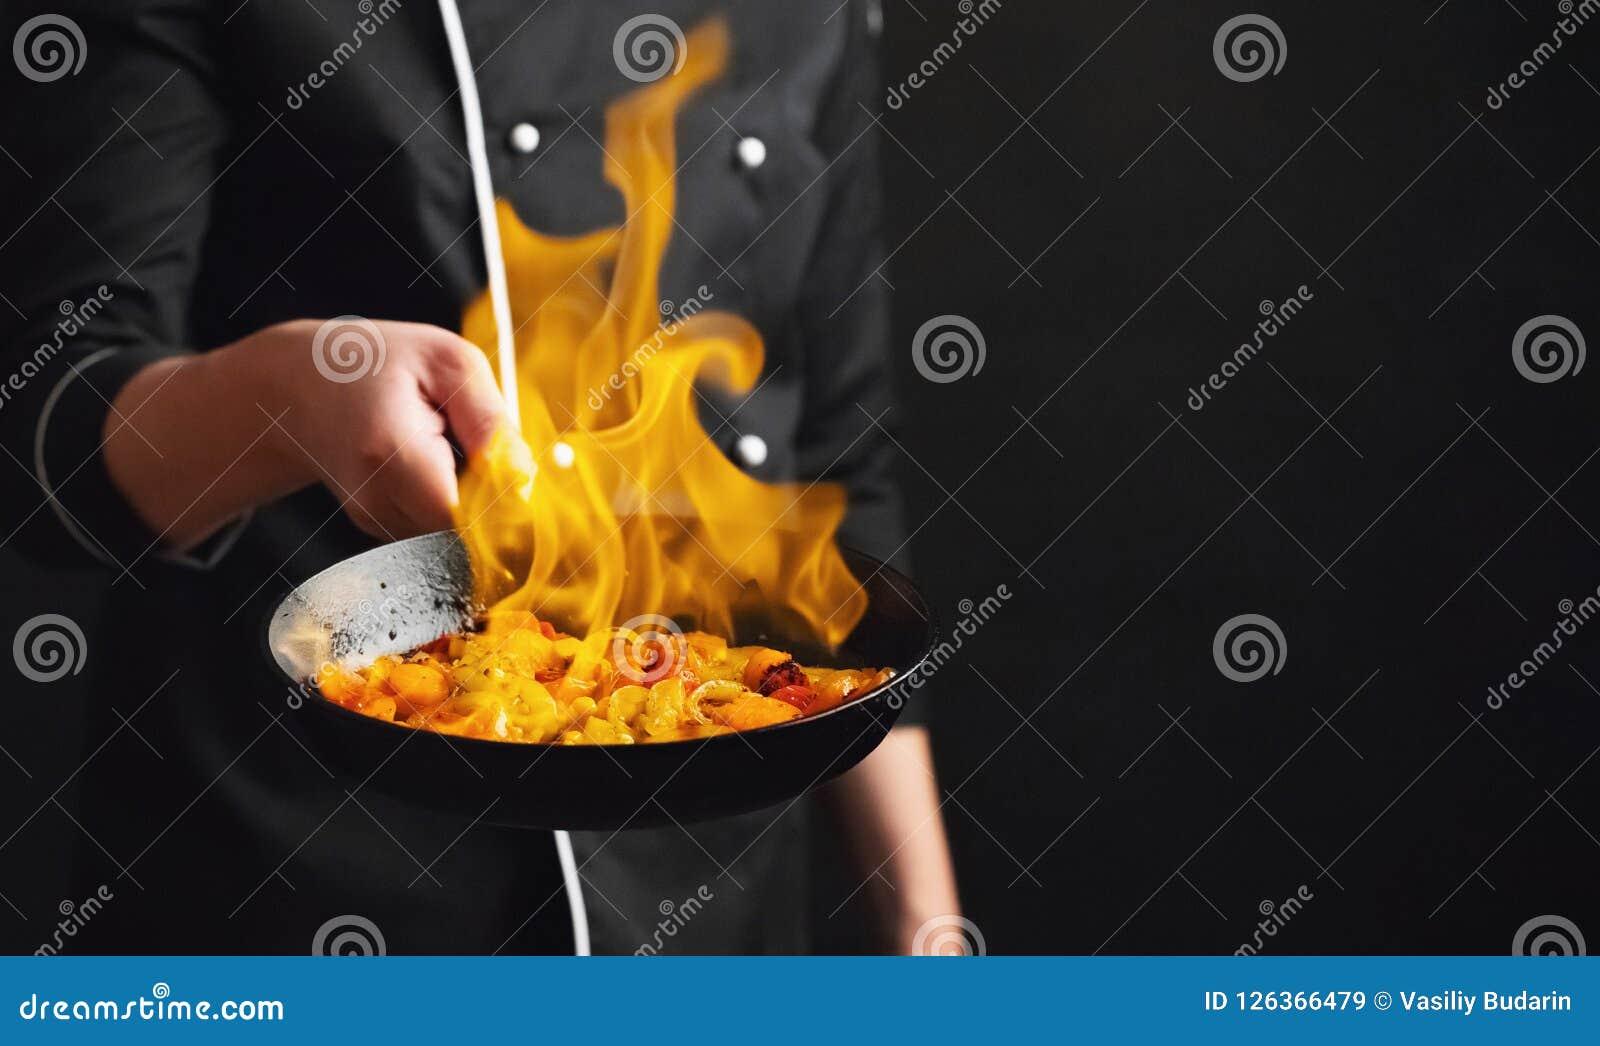 Cocinero y fuego profesionales Cocinar verduras y la comida sobre un fuego abierto en un fondo oscuro Foto del servicio de hotel